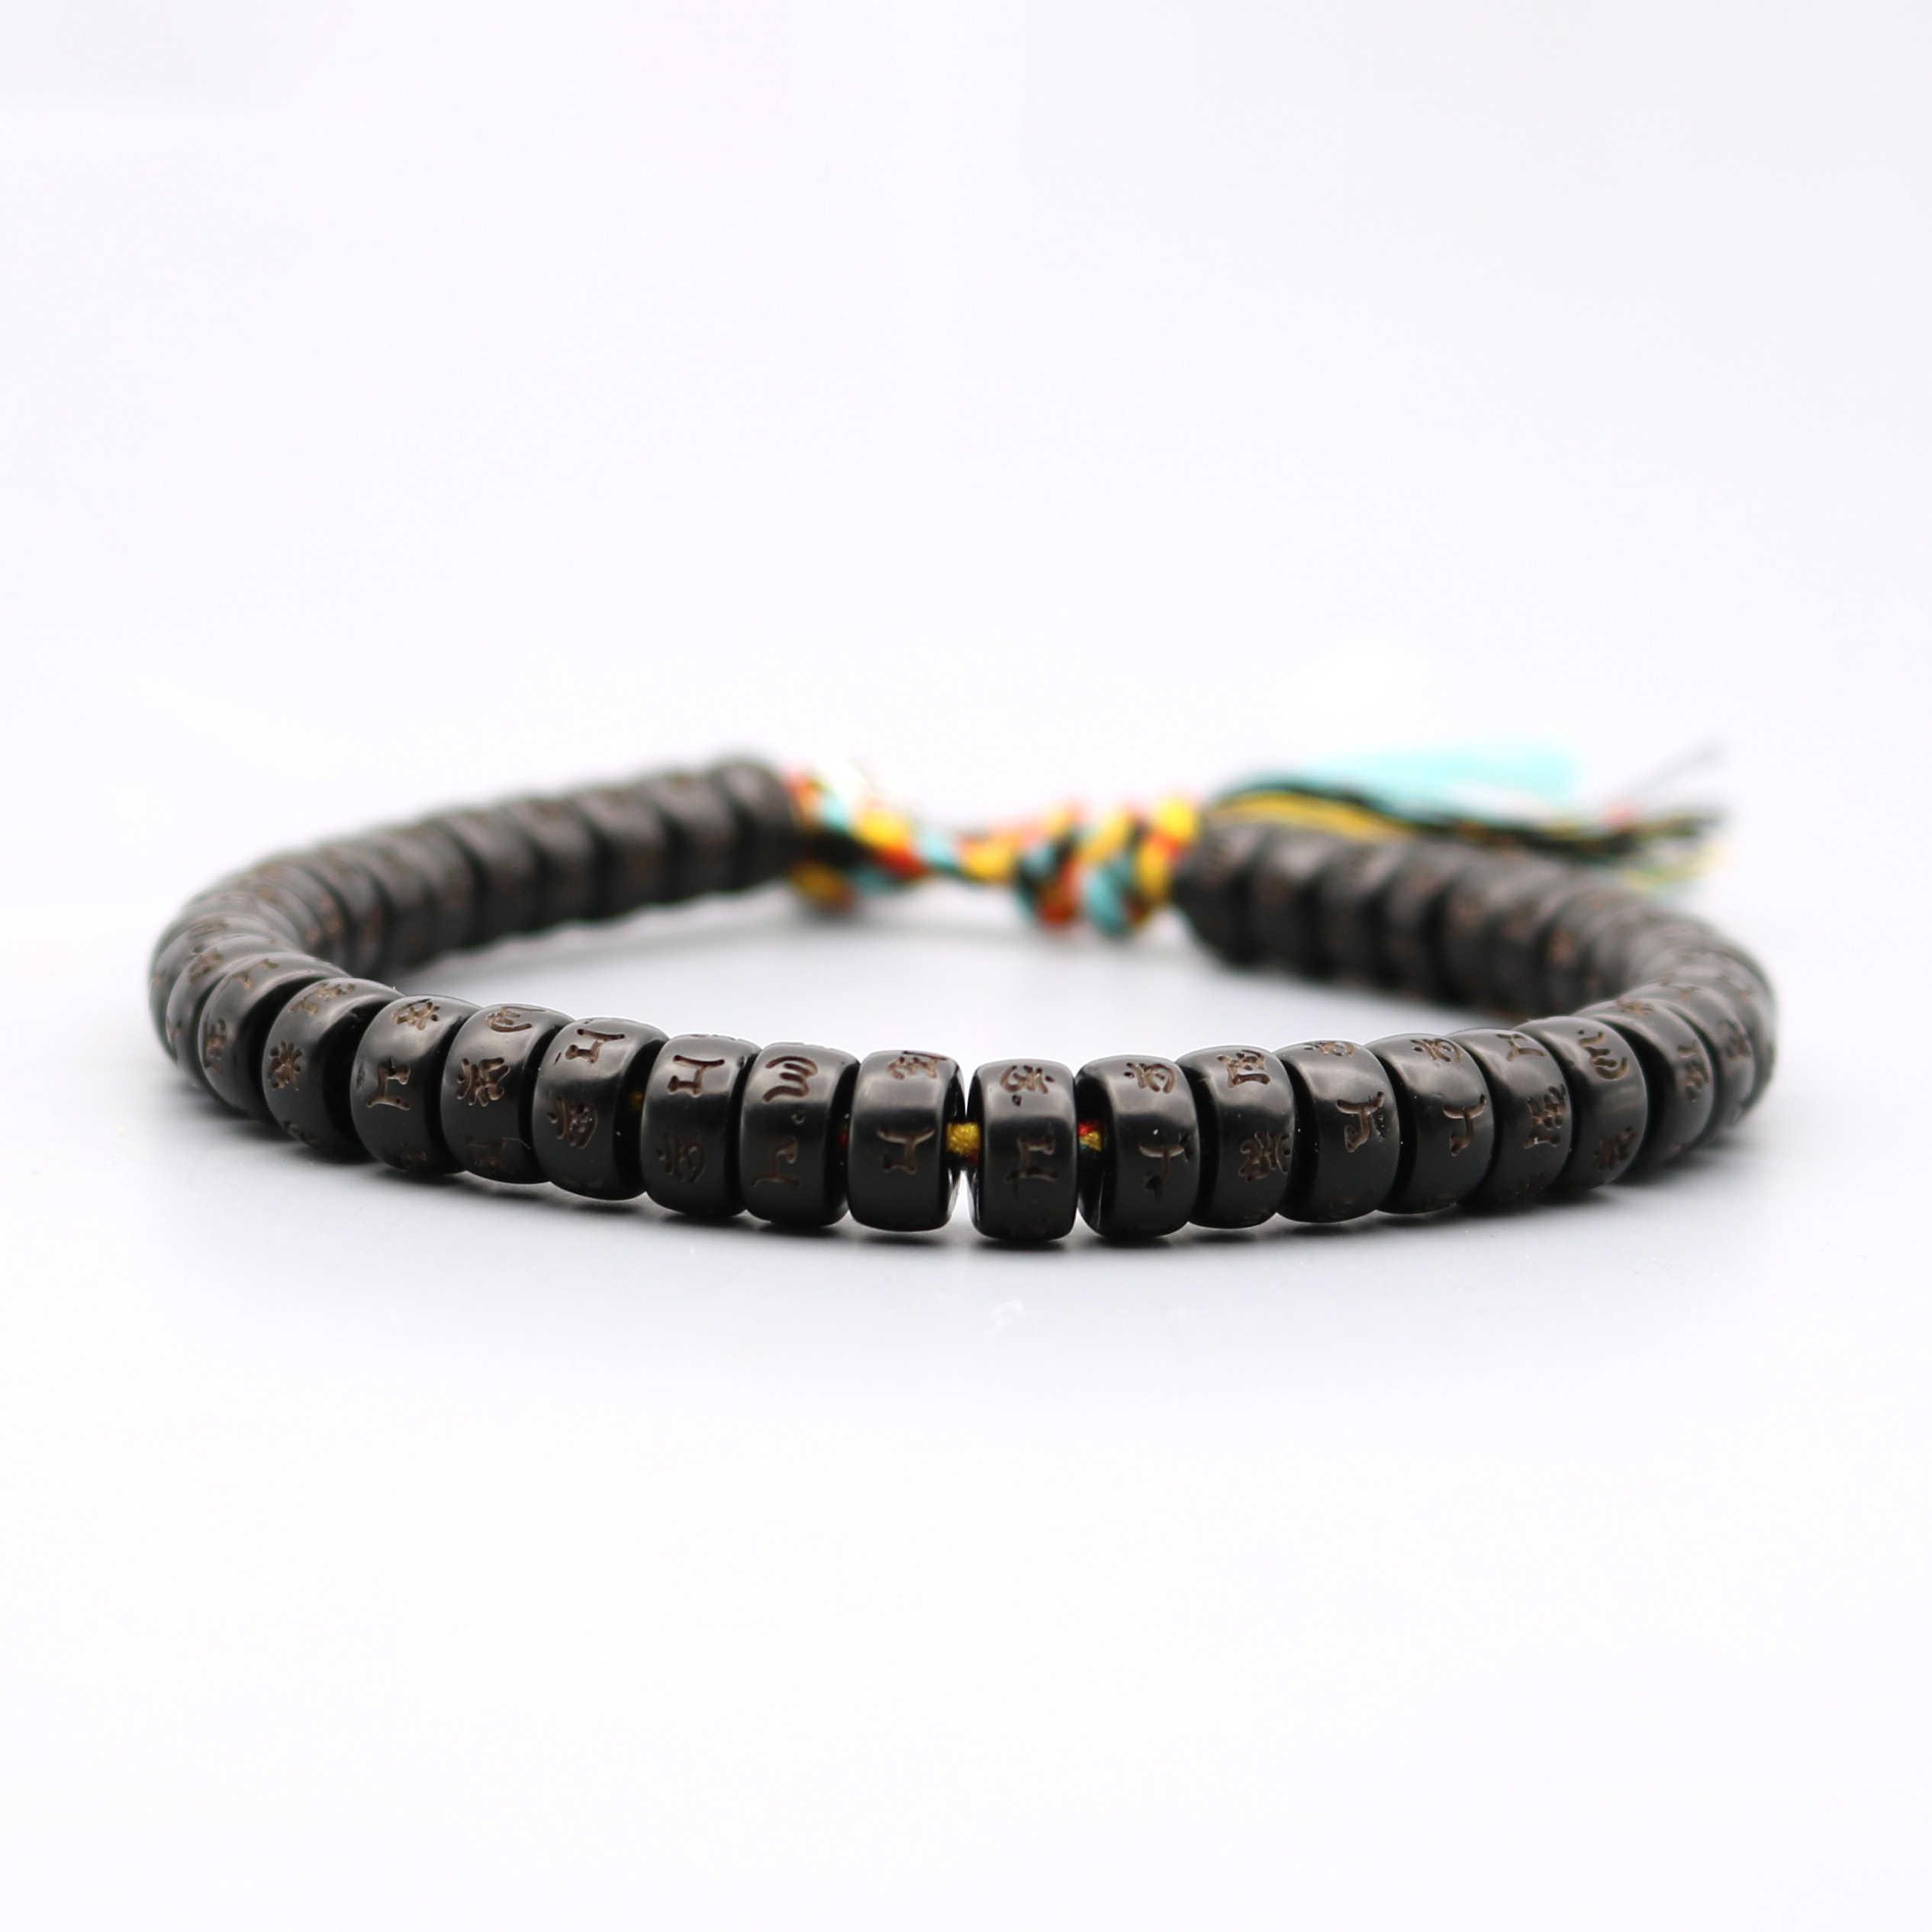 Pulseras trenzadas de concha de coco negro budista de la suerte tibetana OM Mani Padme Hum pulsera de meditación para hombre